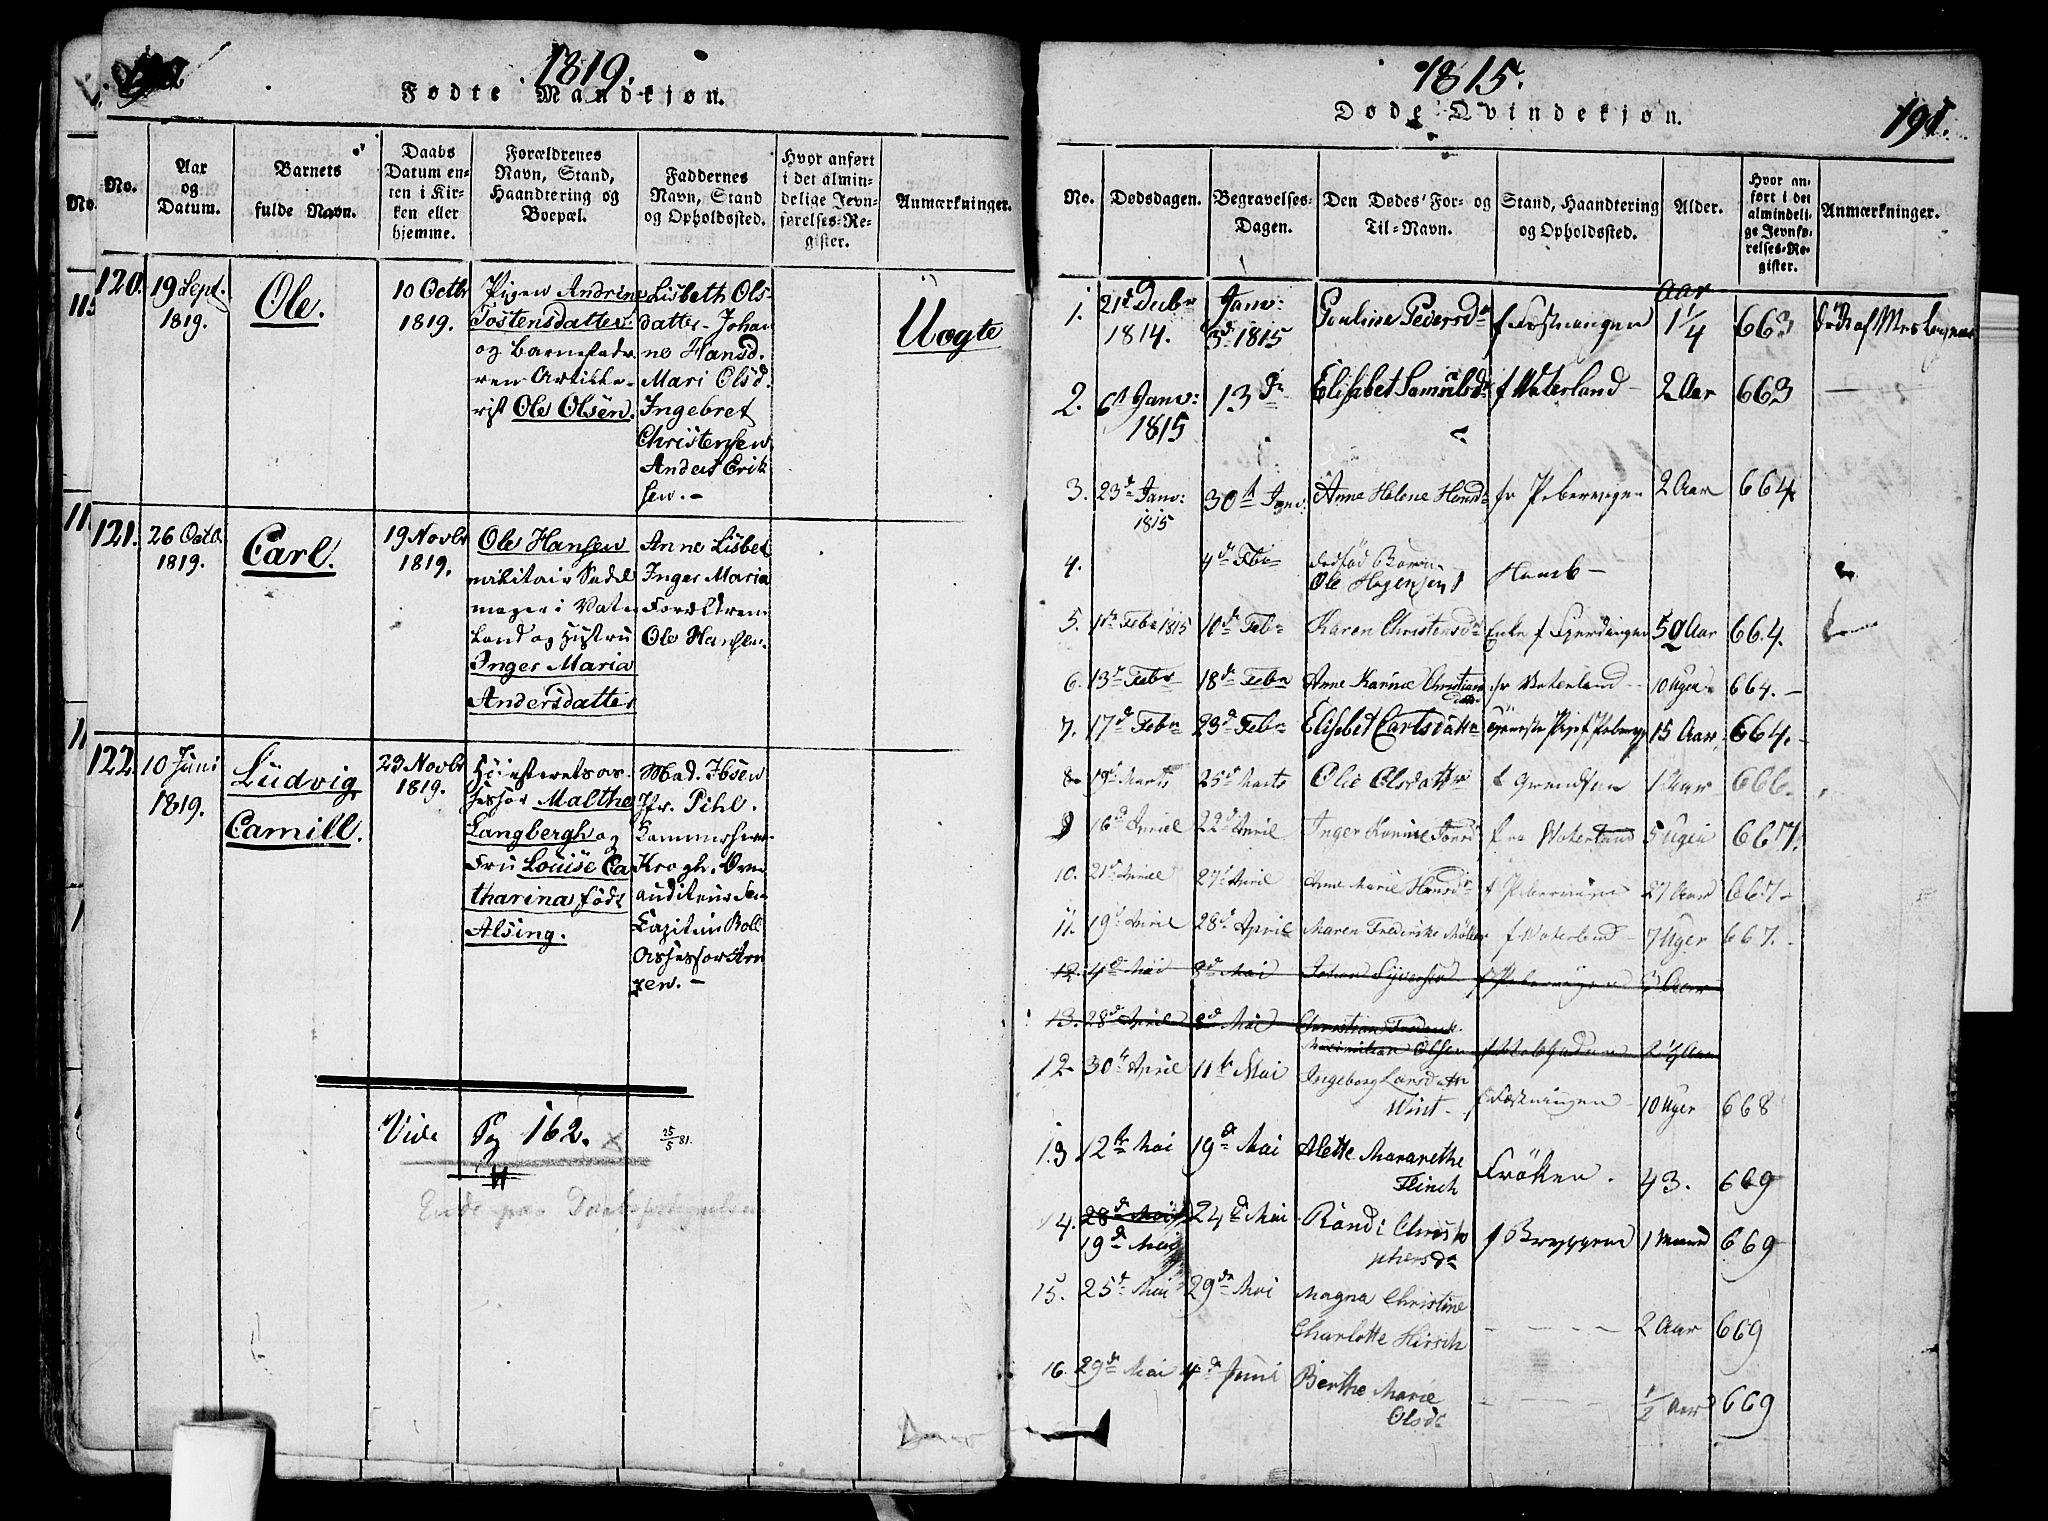 SAO, Garnisonsmenigheten Kirkebøker, G/Ga/L0003: Klokkerbok nr. 3, 1815-1819, s. 190-191